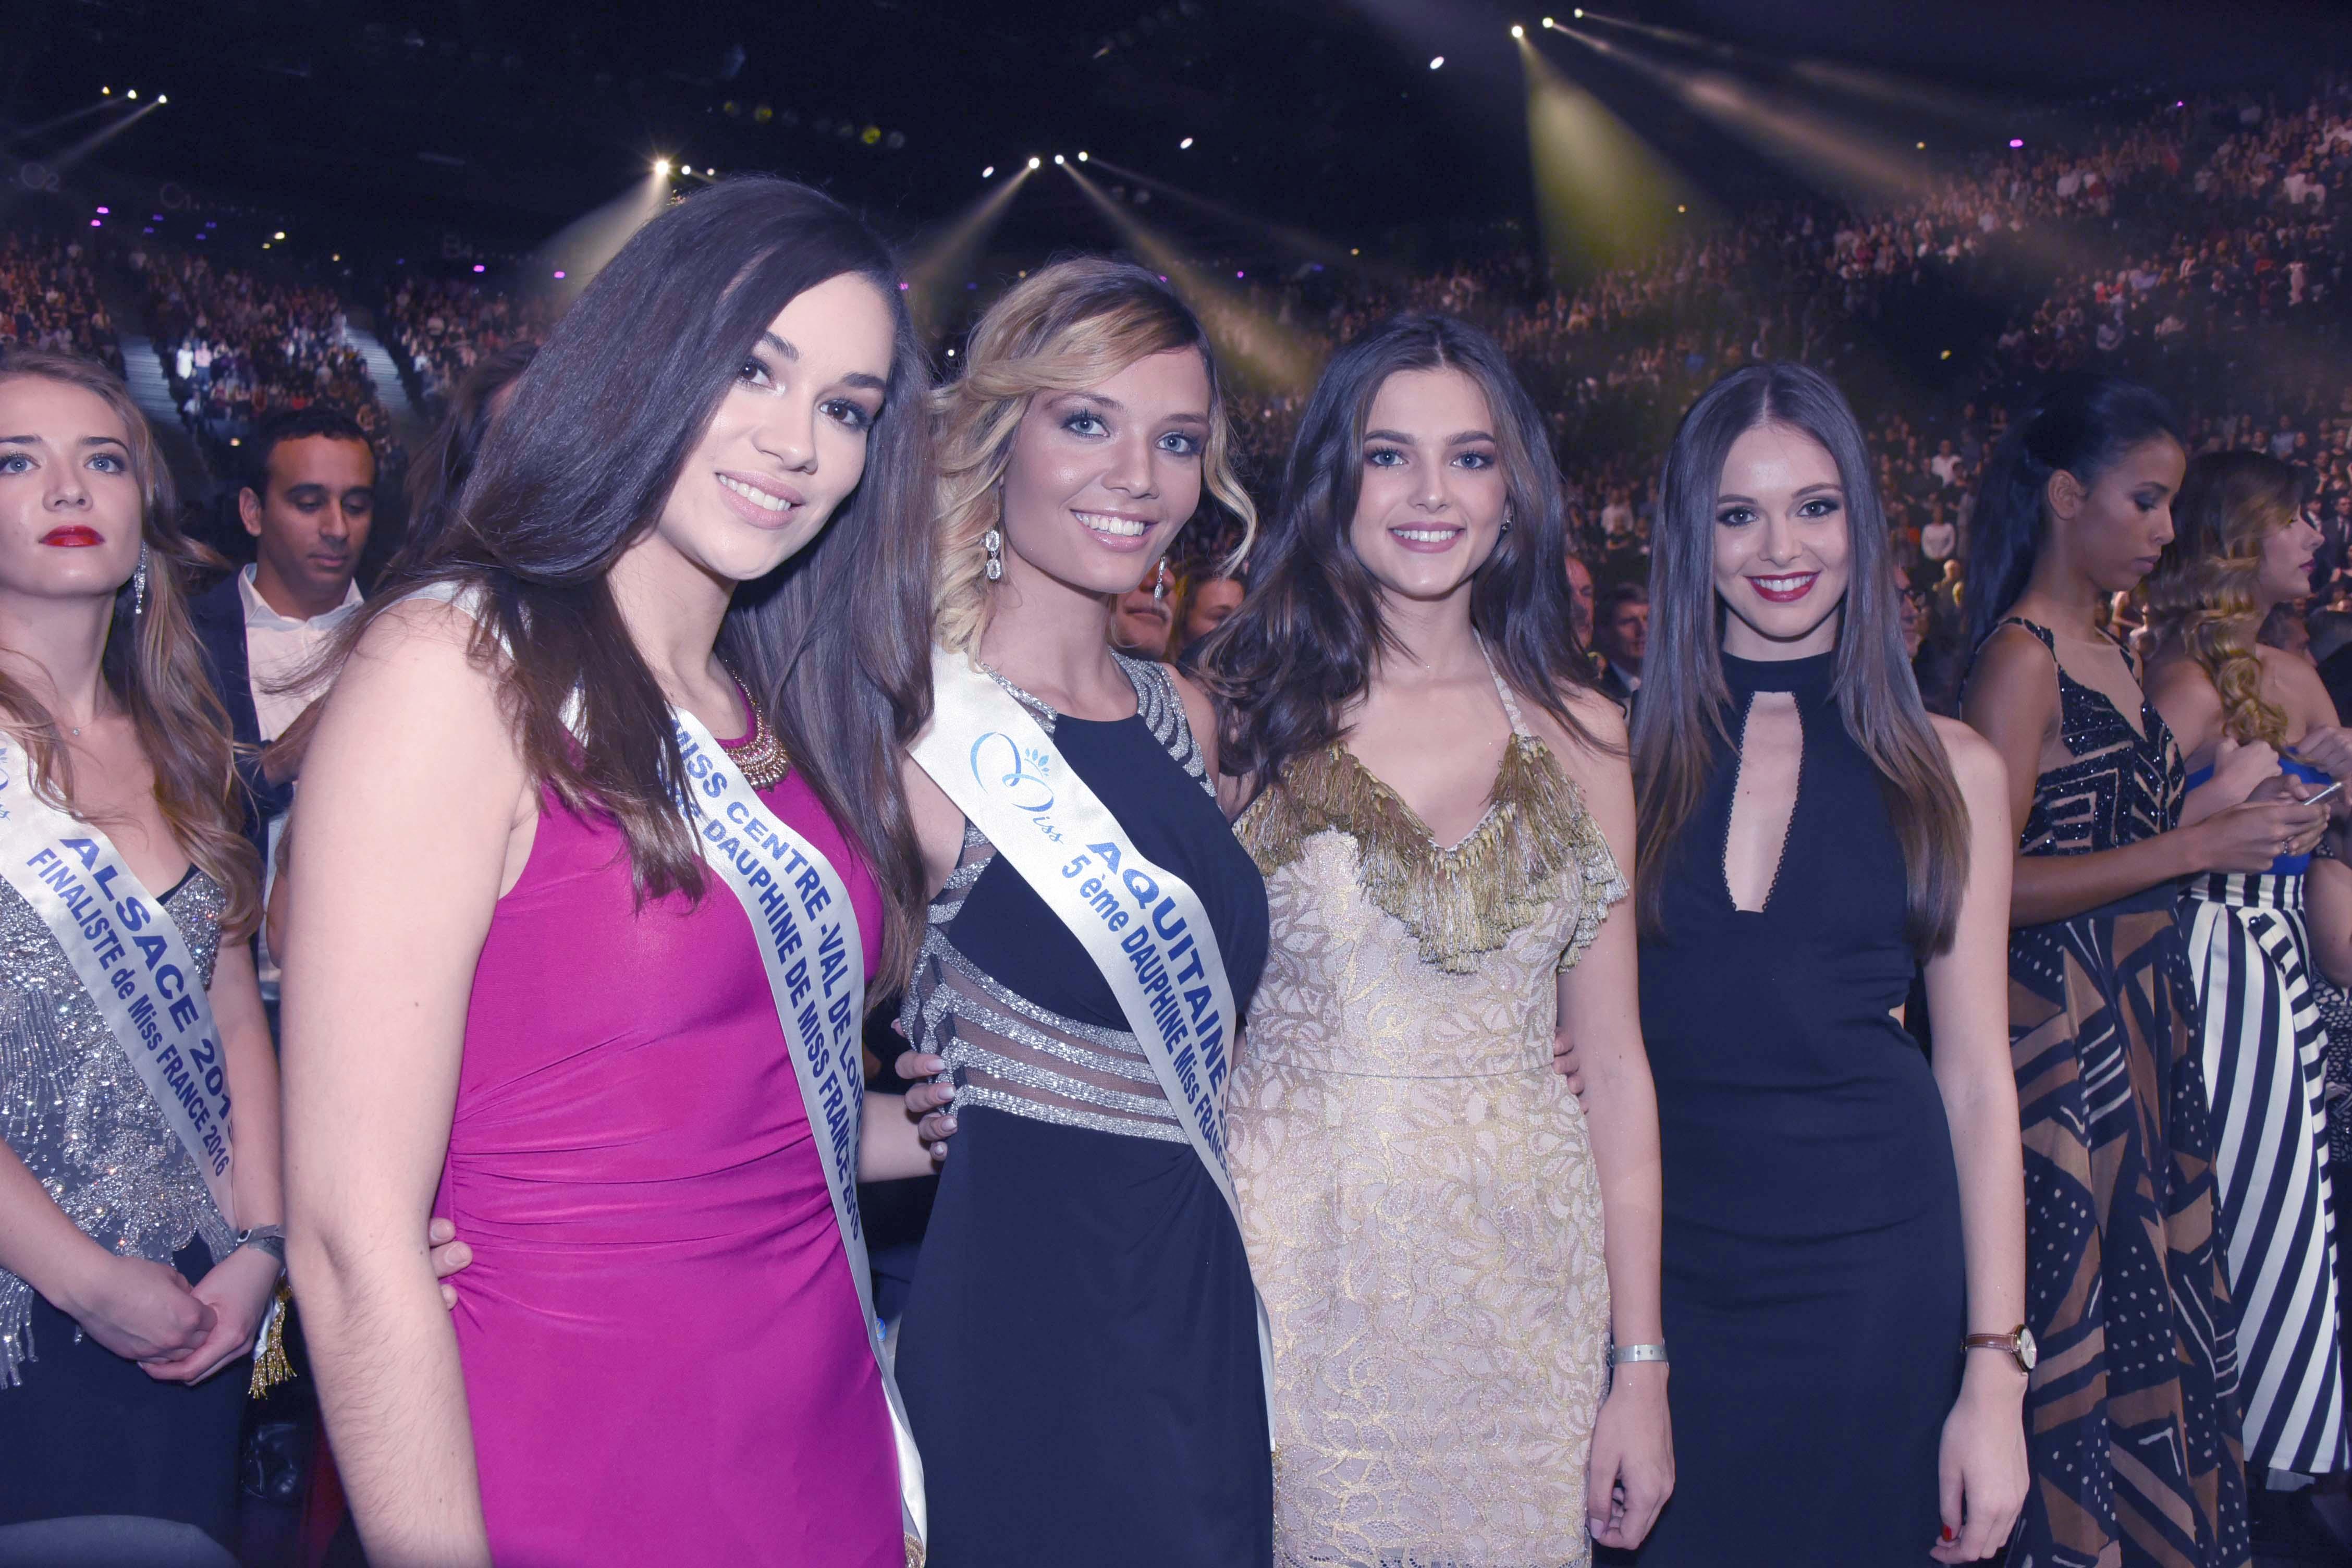 Comme chaque année, plein de jolies filles à la soirée Miss France